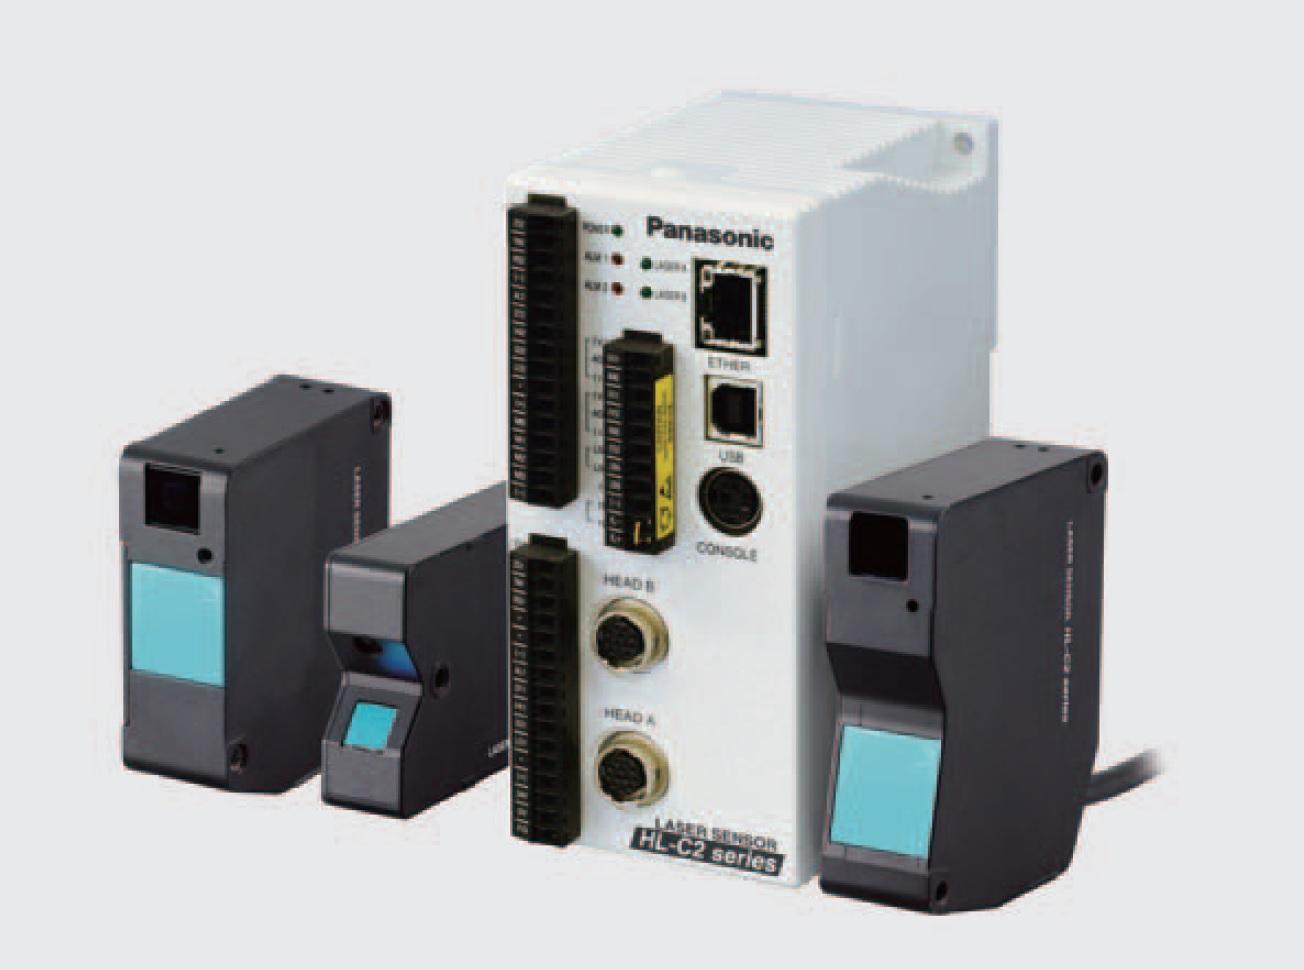 Panasonic / SUNX HL-C2 SERIES เลเซอร์เซนเซอร์วัดระยะความละเอียดสูง